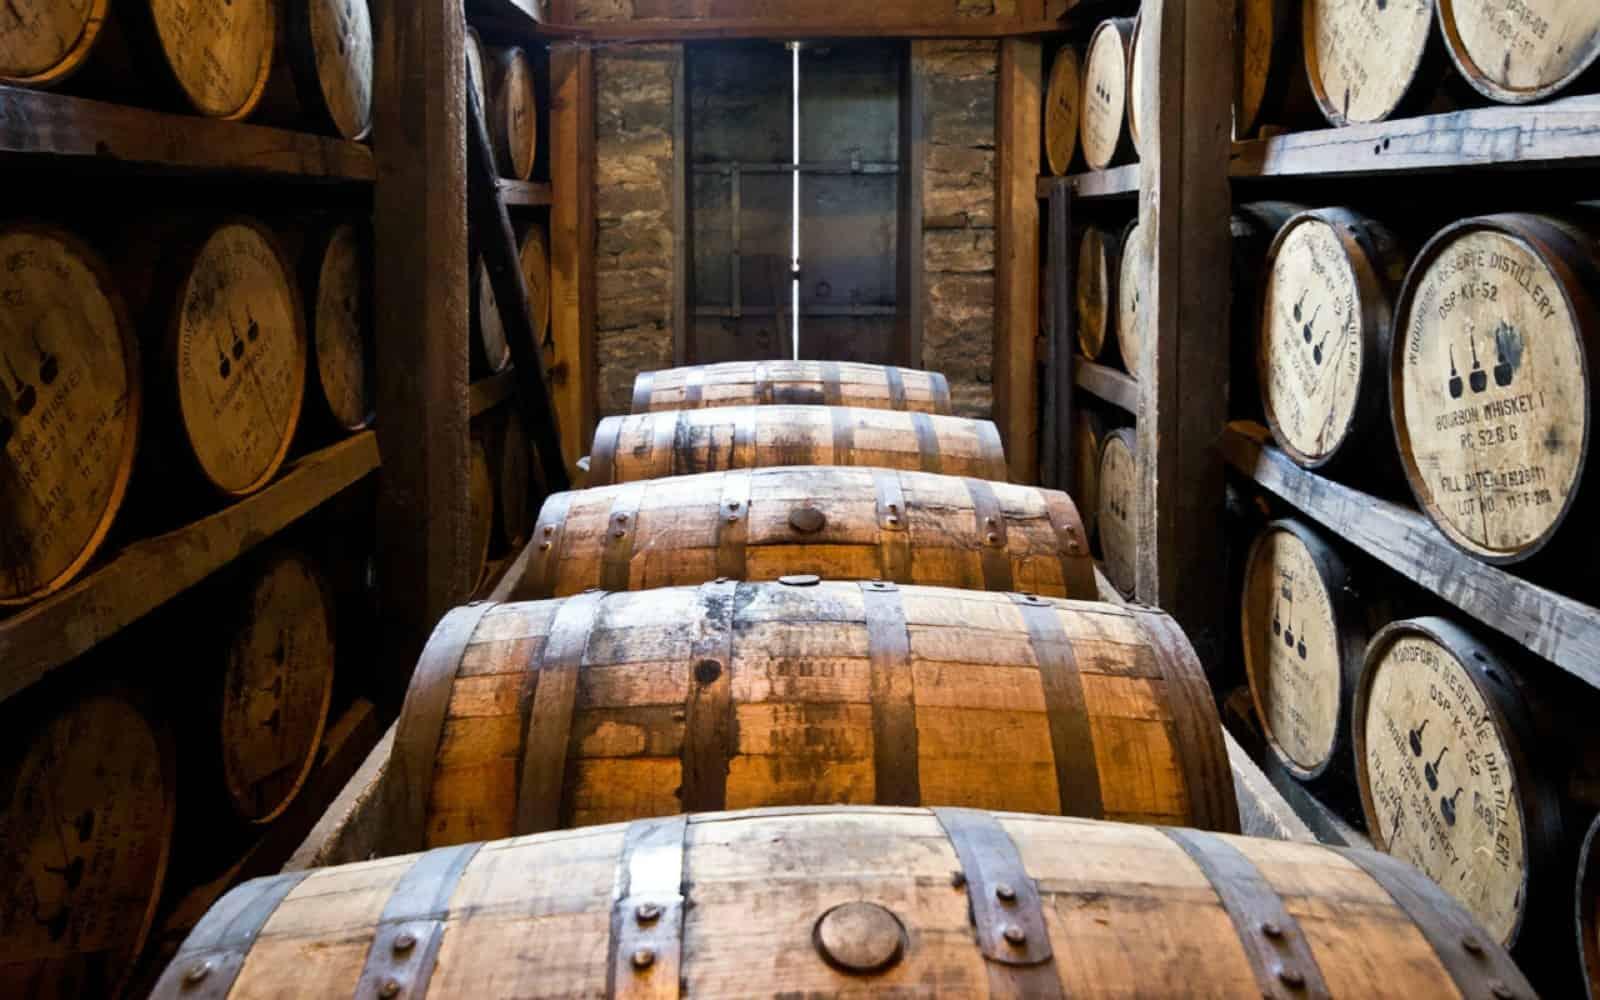 6 Facts About Distilling That'll Make You Seem Like a Badass Bourbon Geek